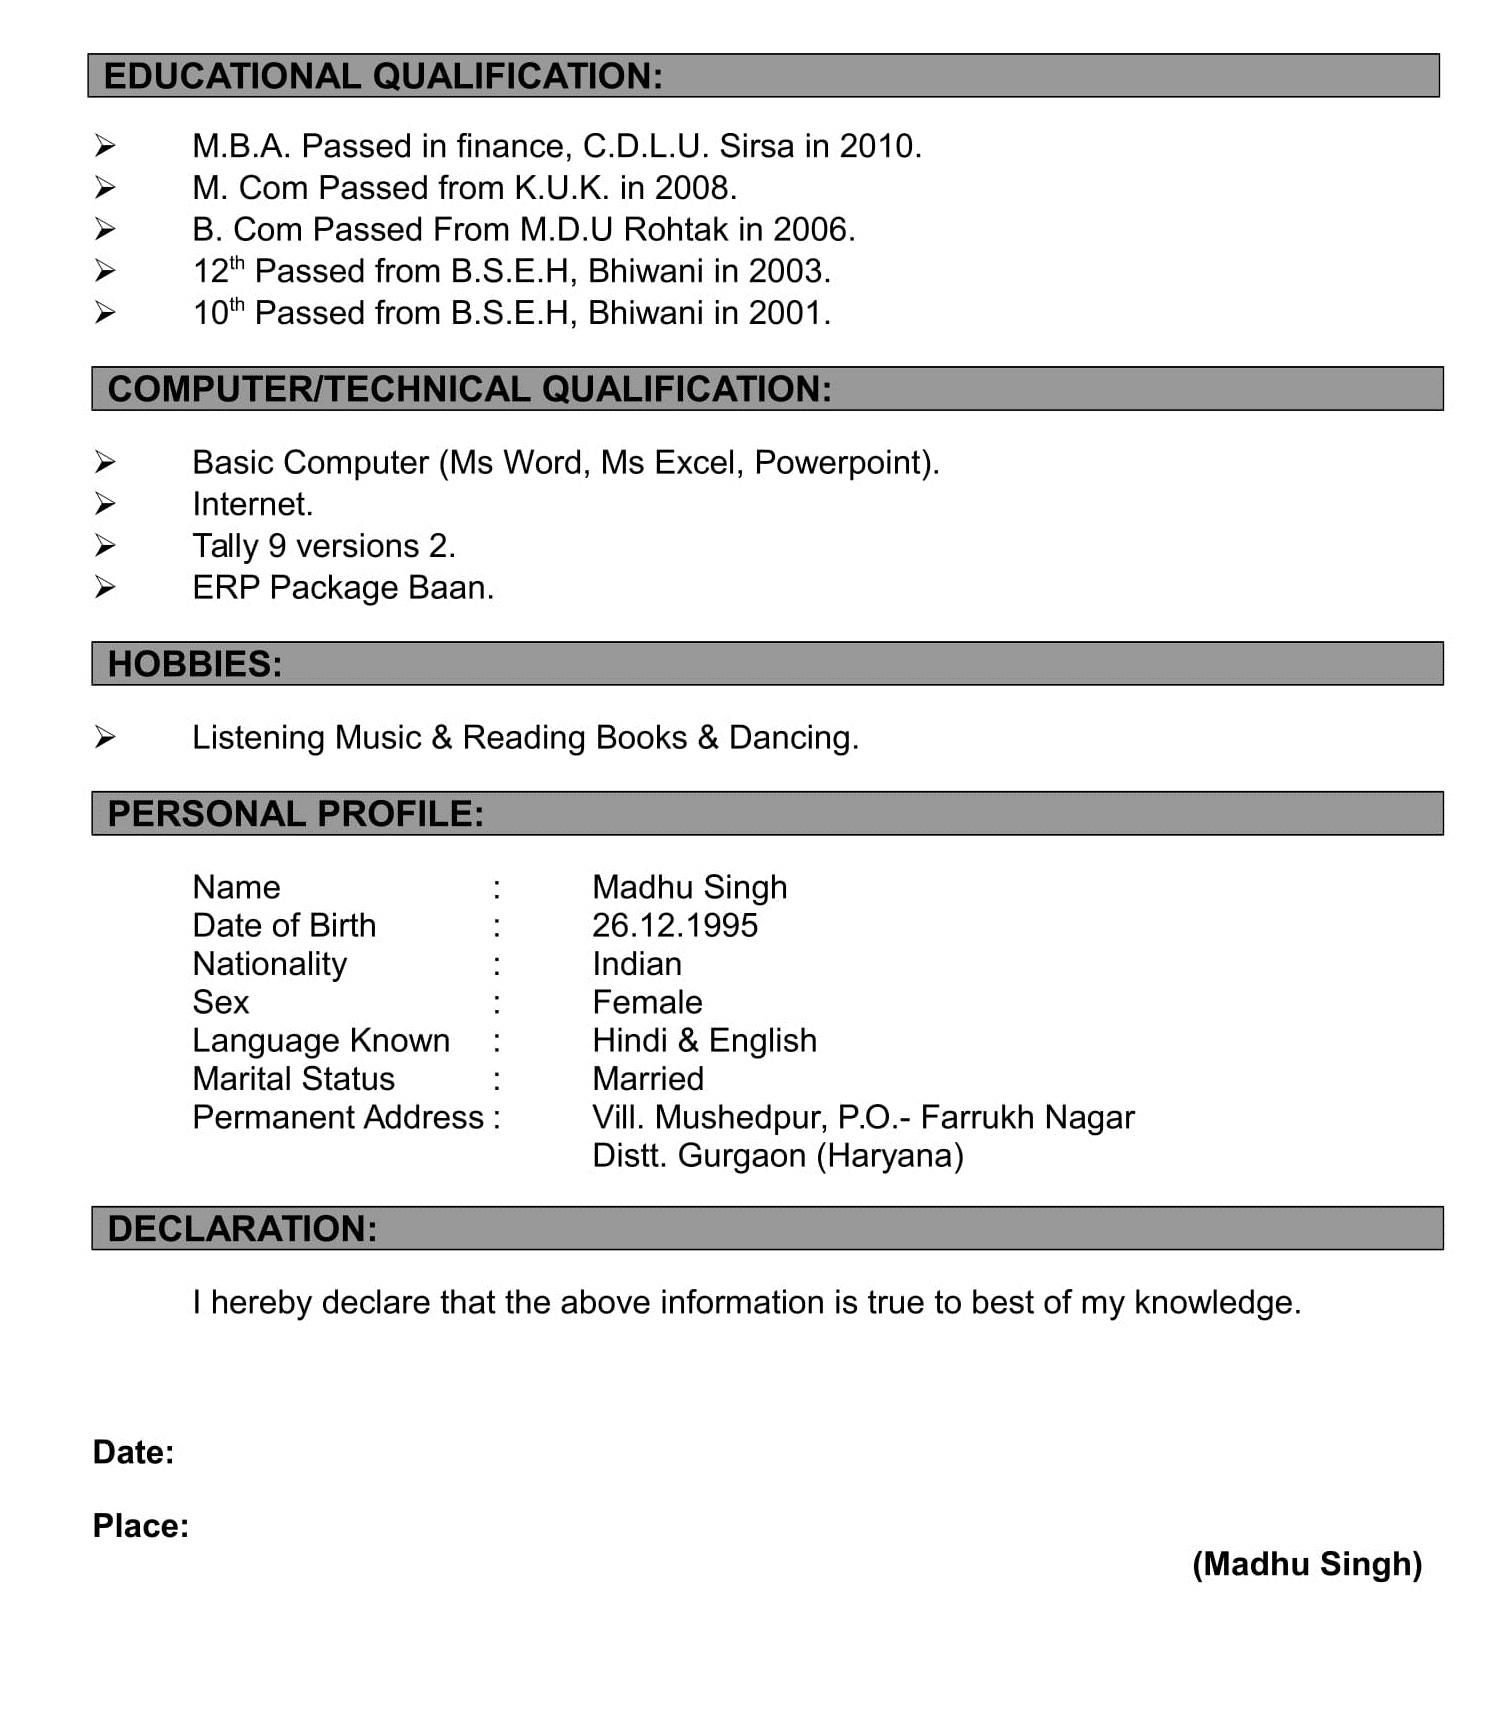 Resume Formats - Making Resume